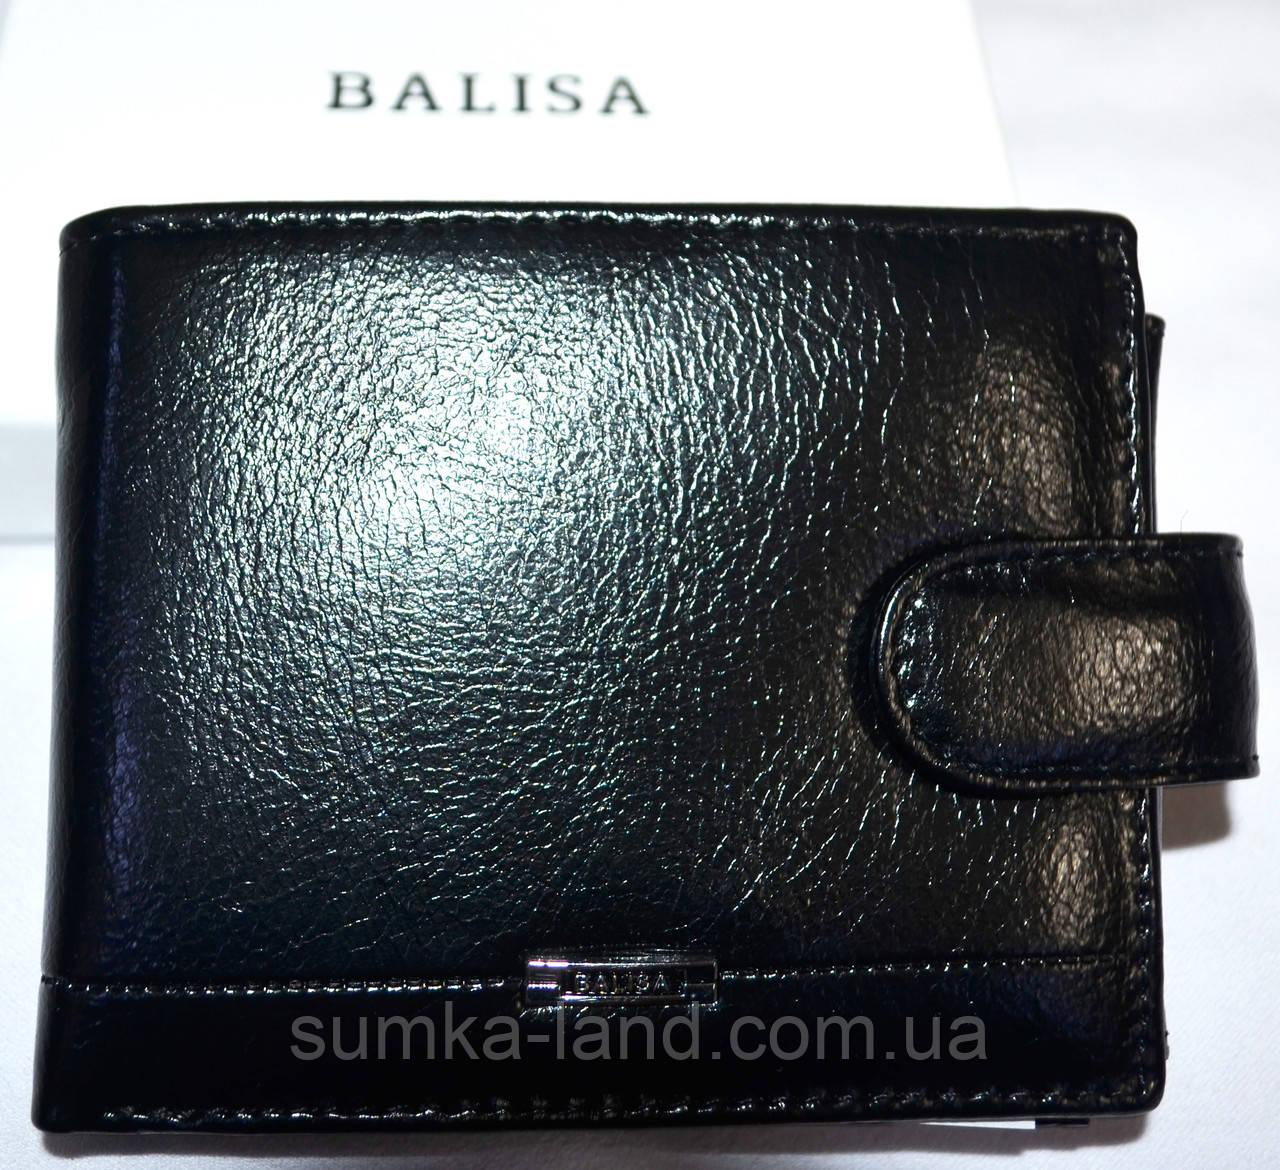 Мужской черный кошелек, портмоне Balisa из искусственной кожи на кнопке 11,5*10 см